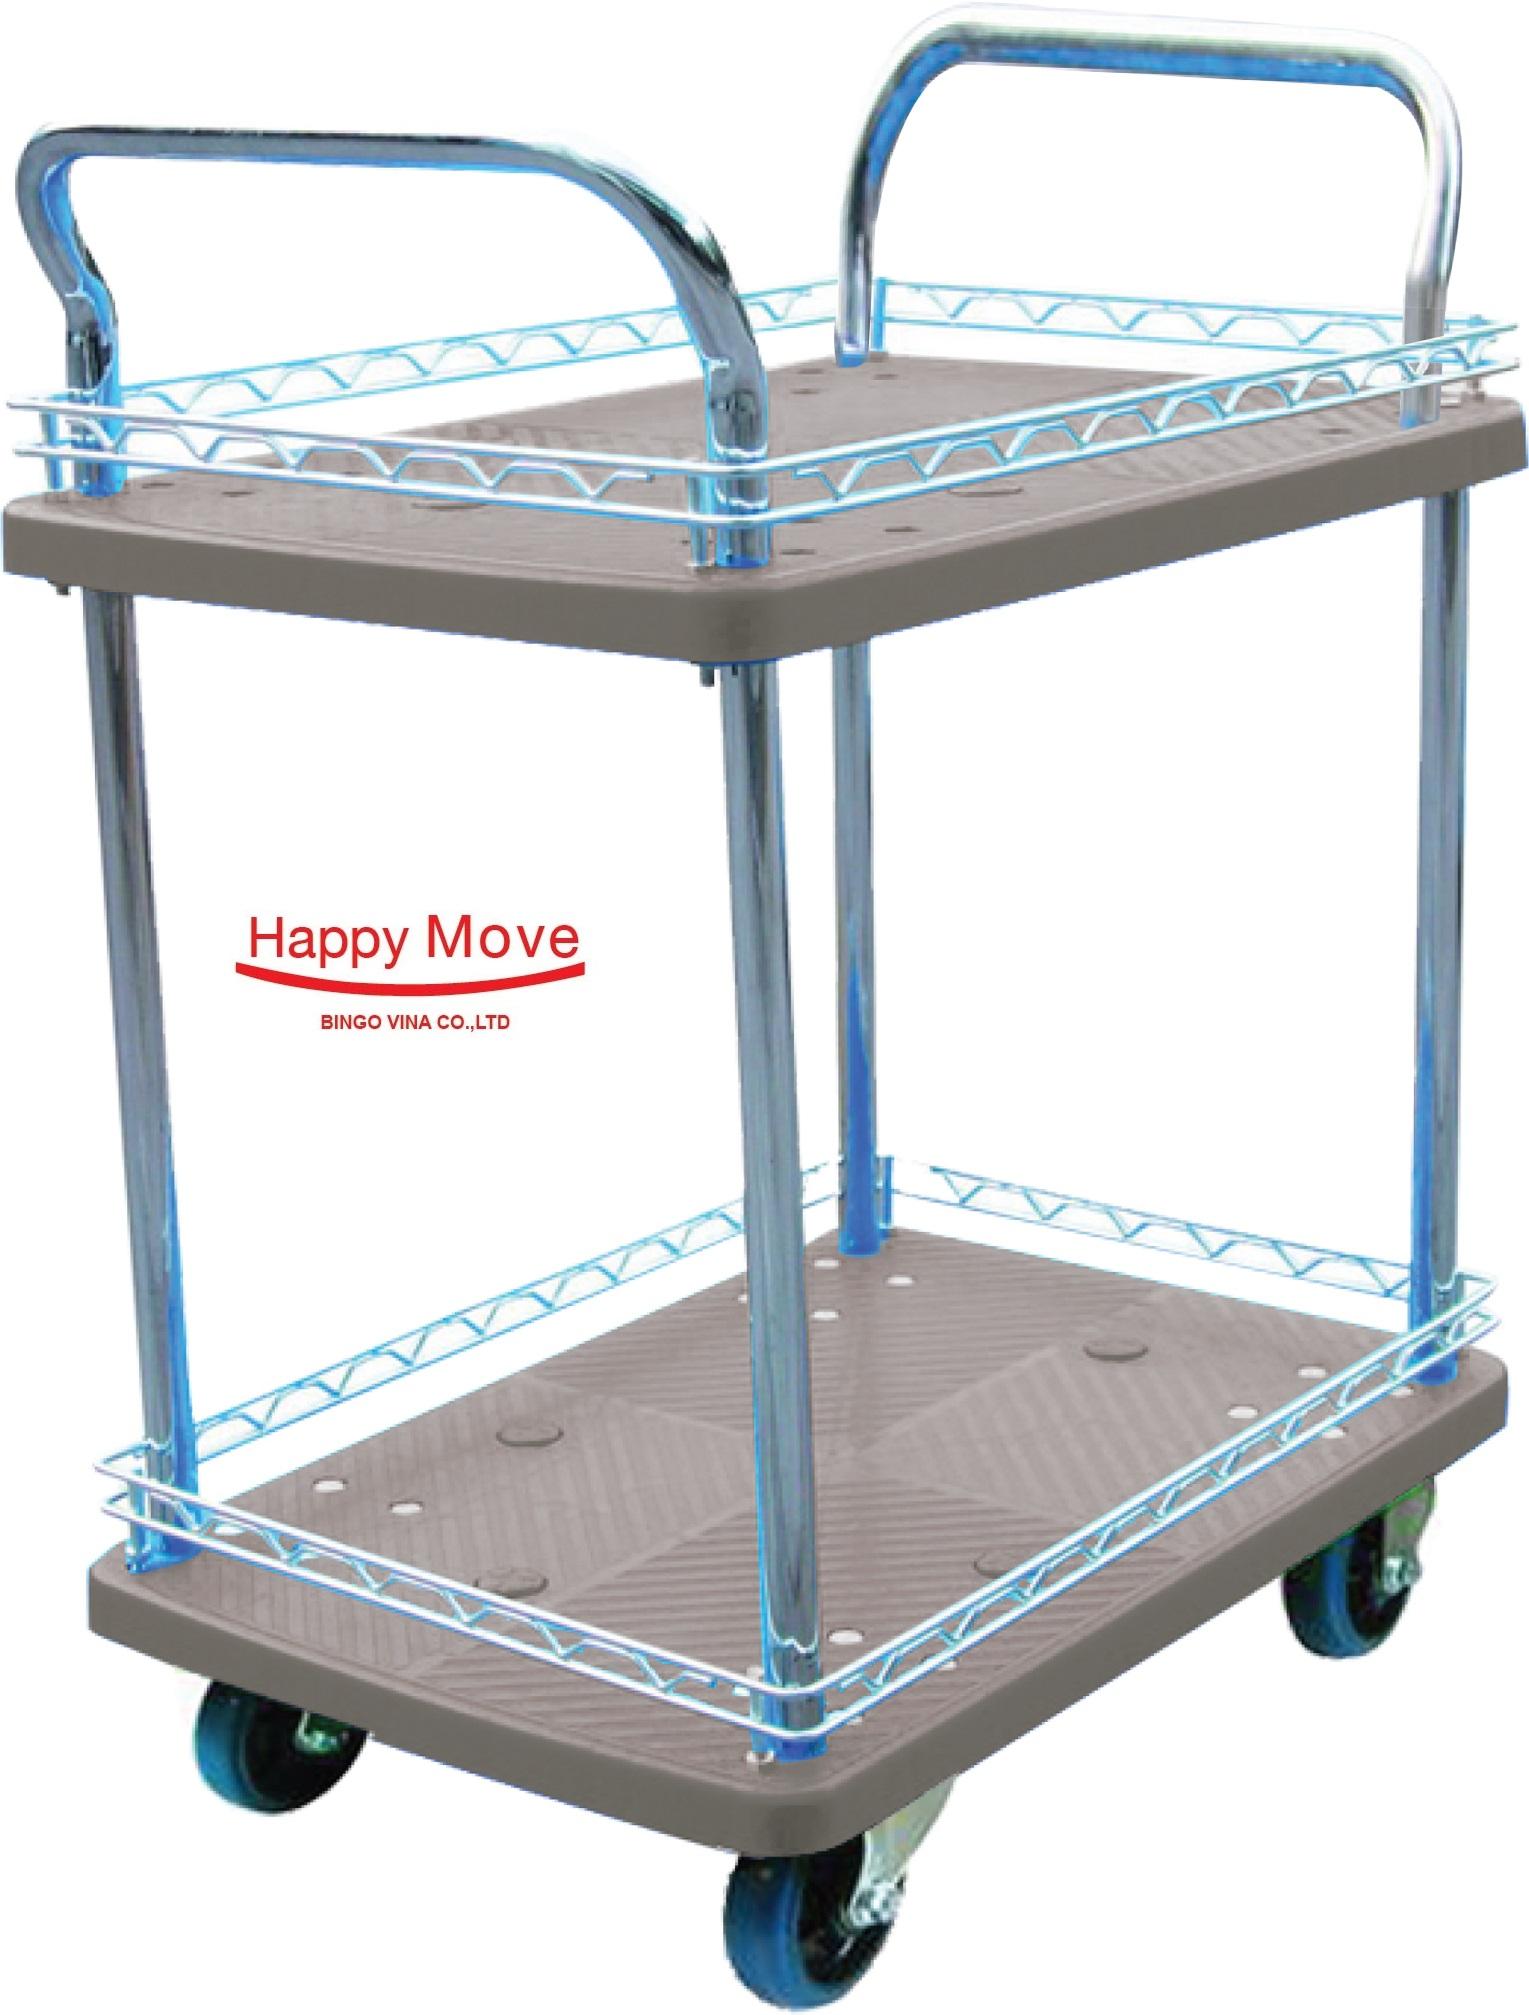 Xe đẩy hàng Fiber-Tech 2 tầng chống ồn Happy Move 150kg/300kg